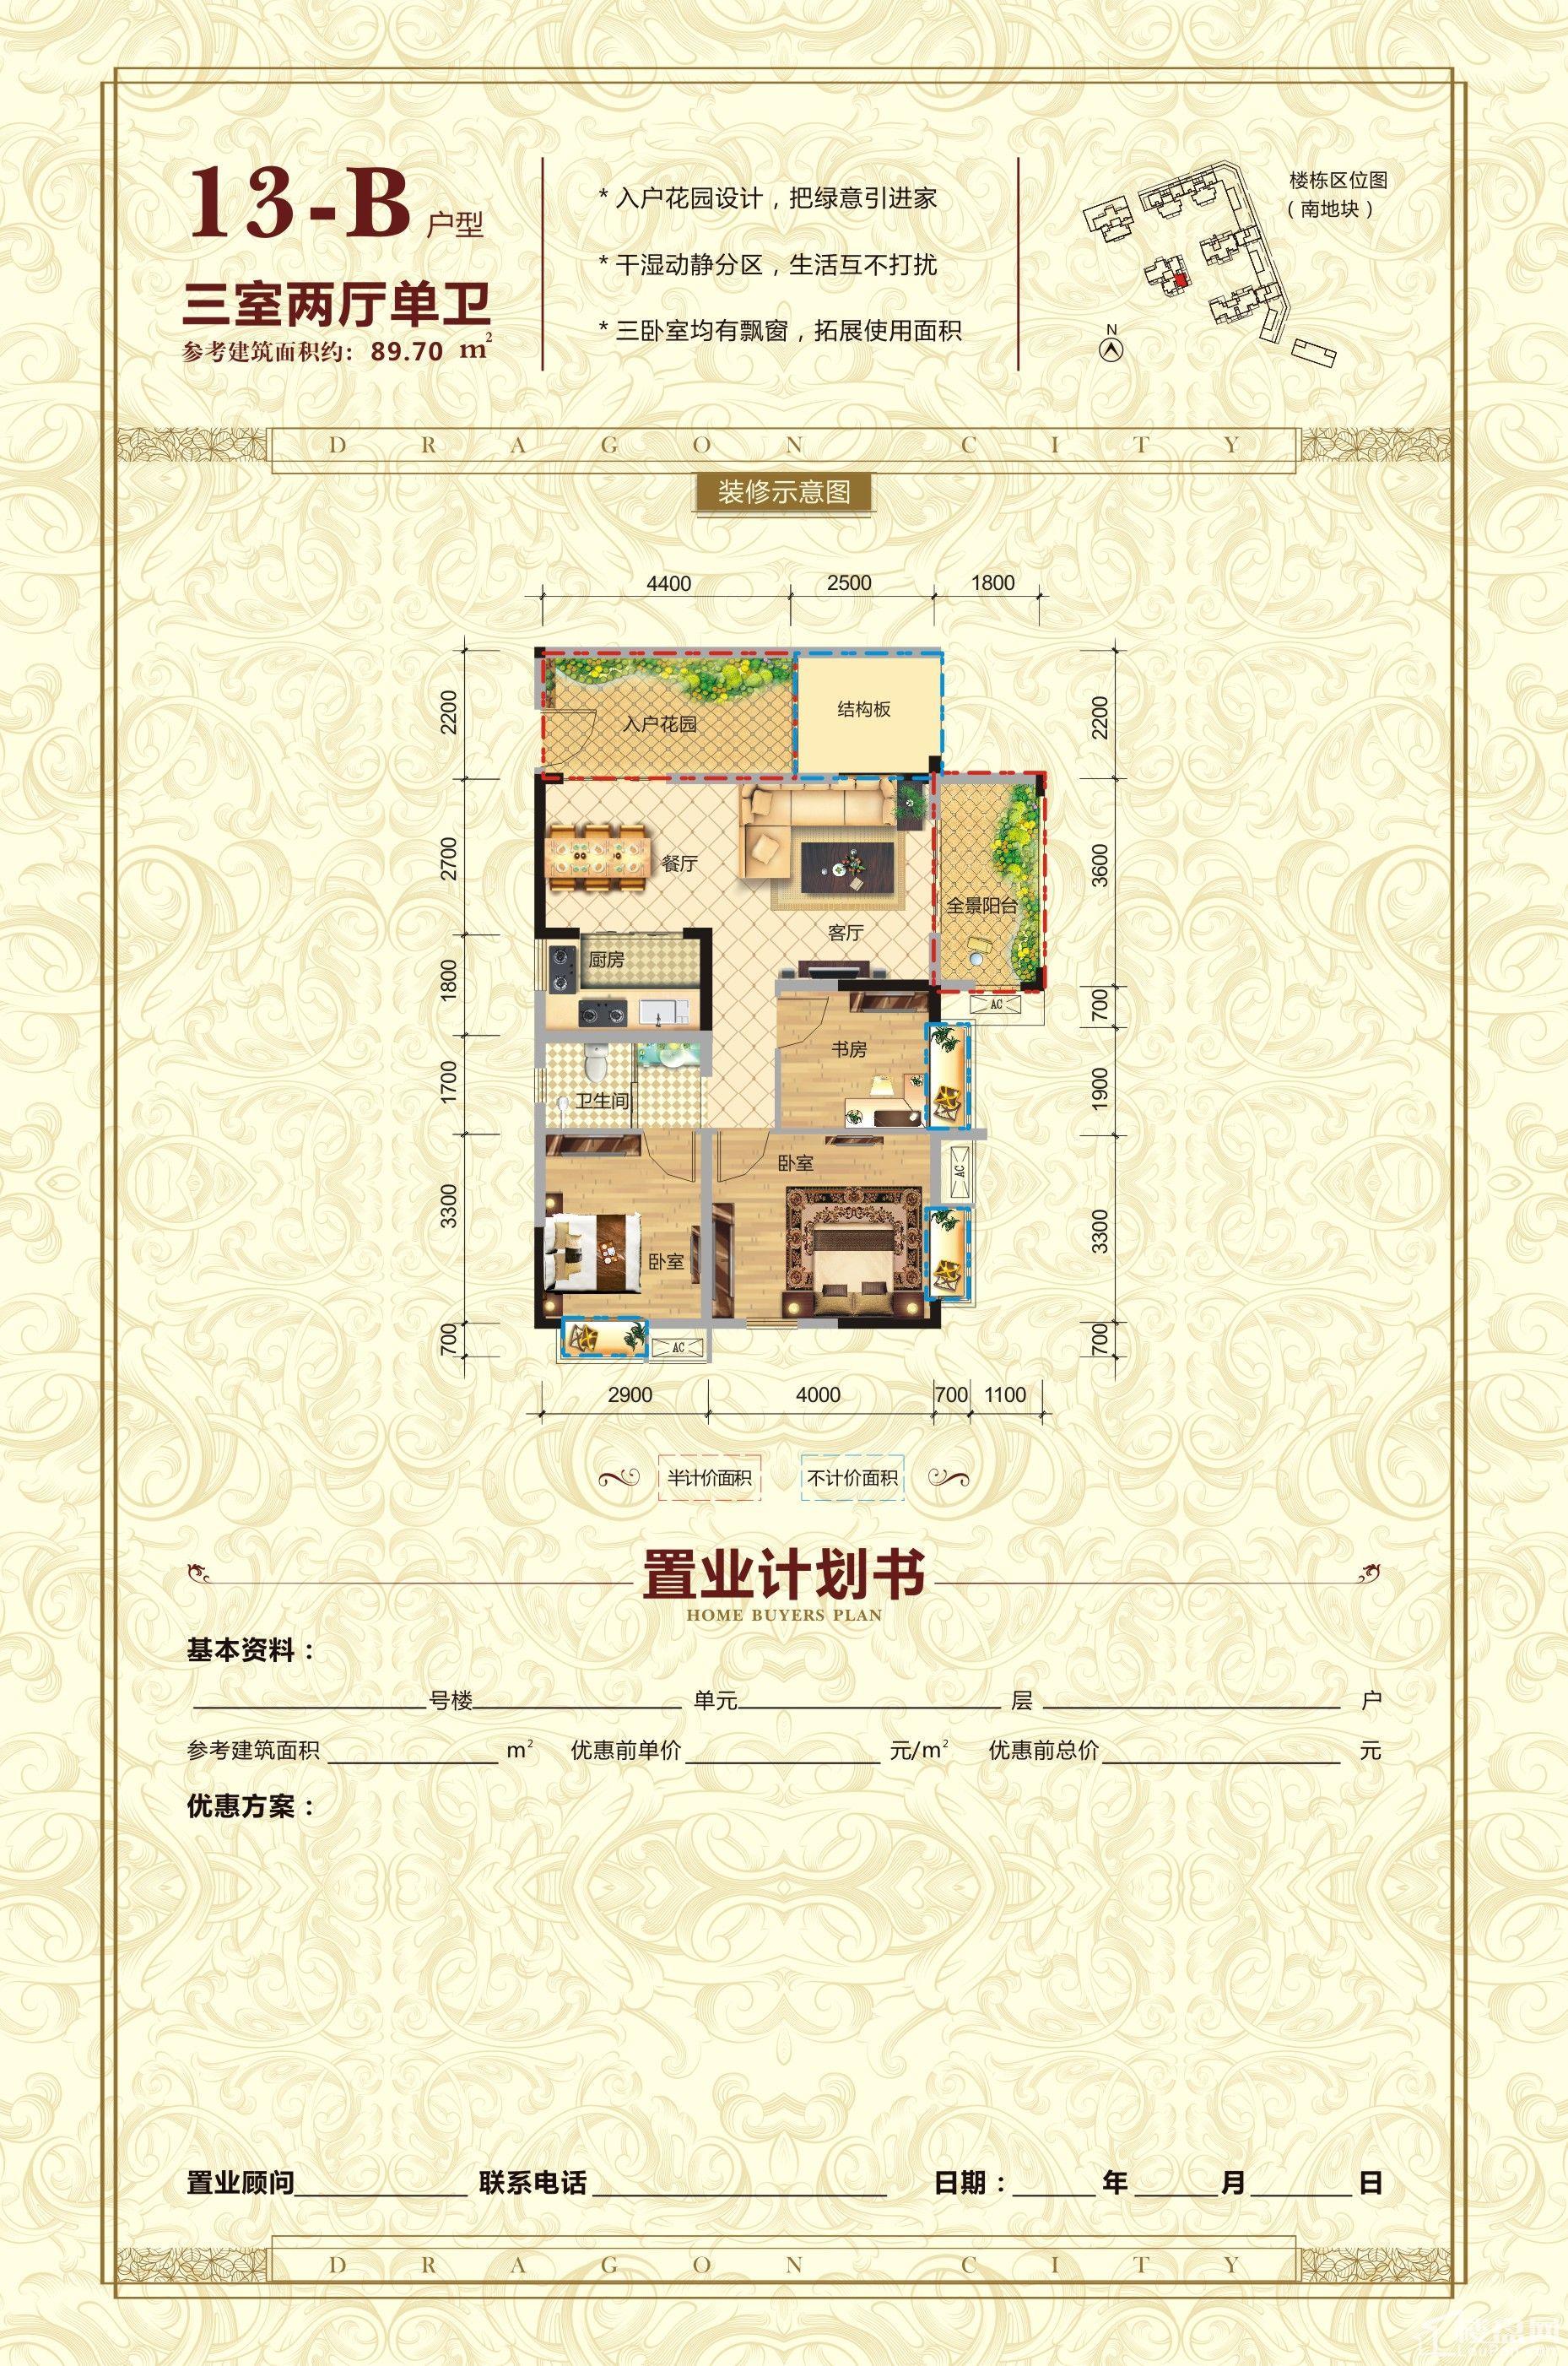 万合龍城-13-B户型